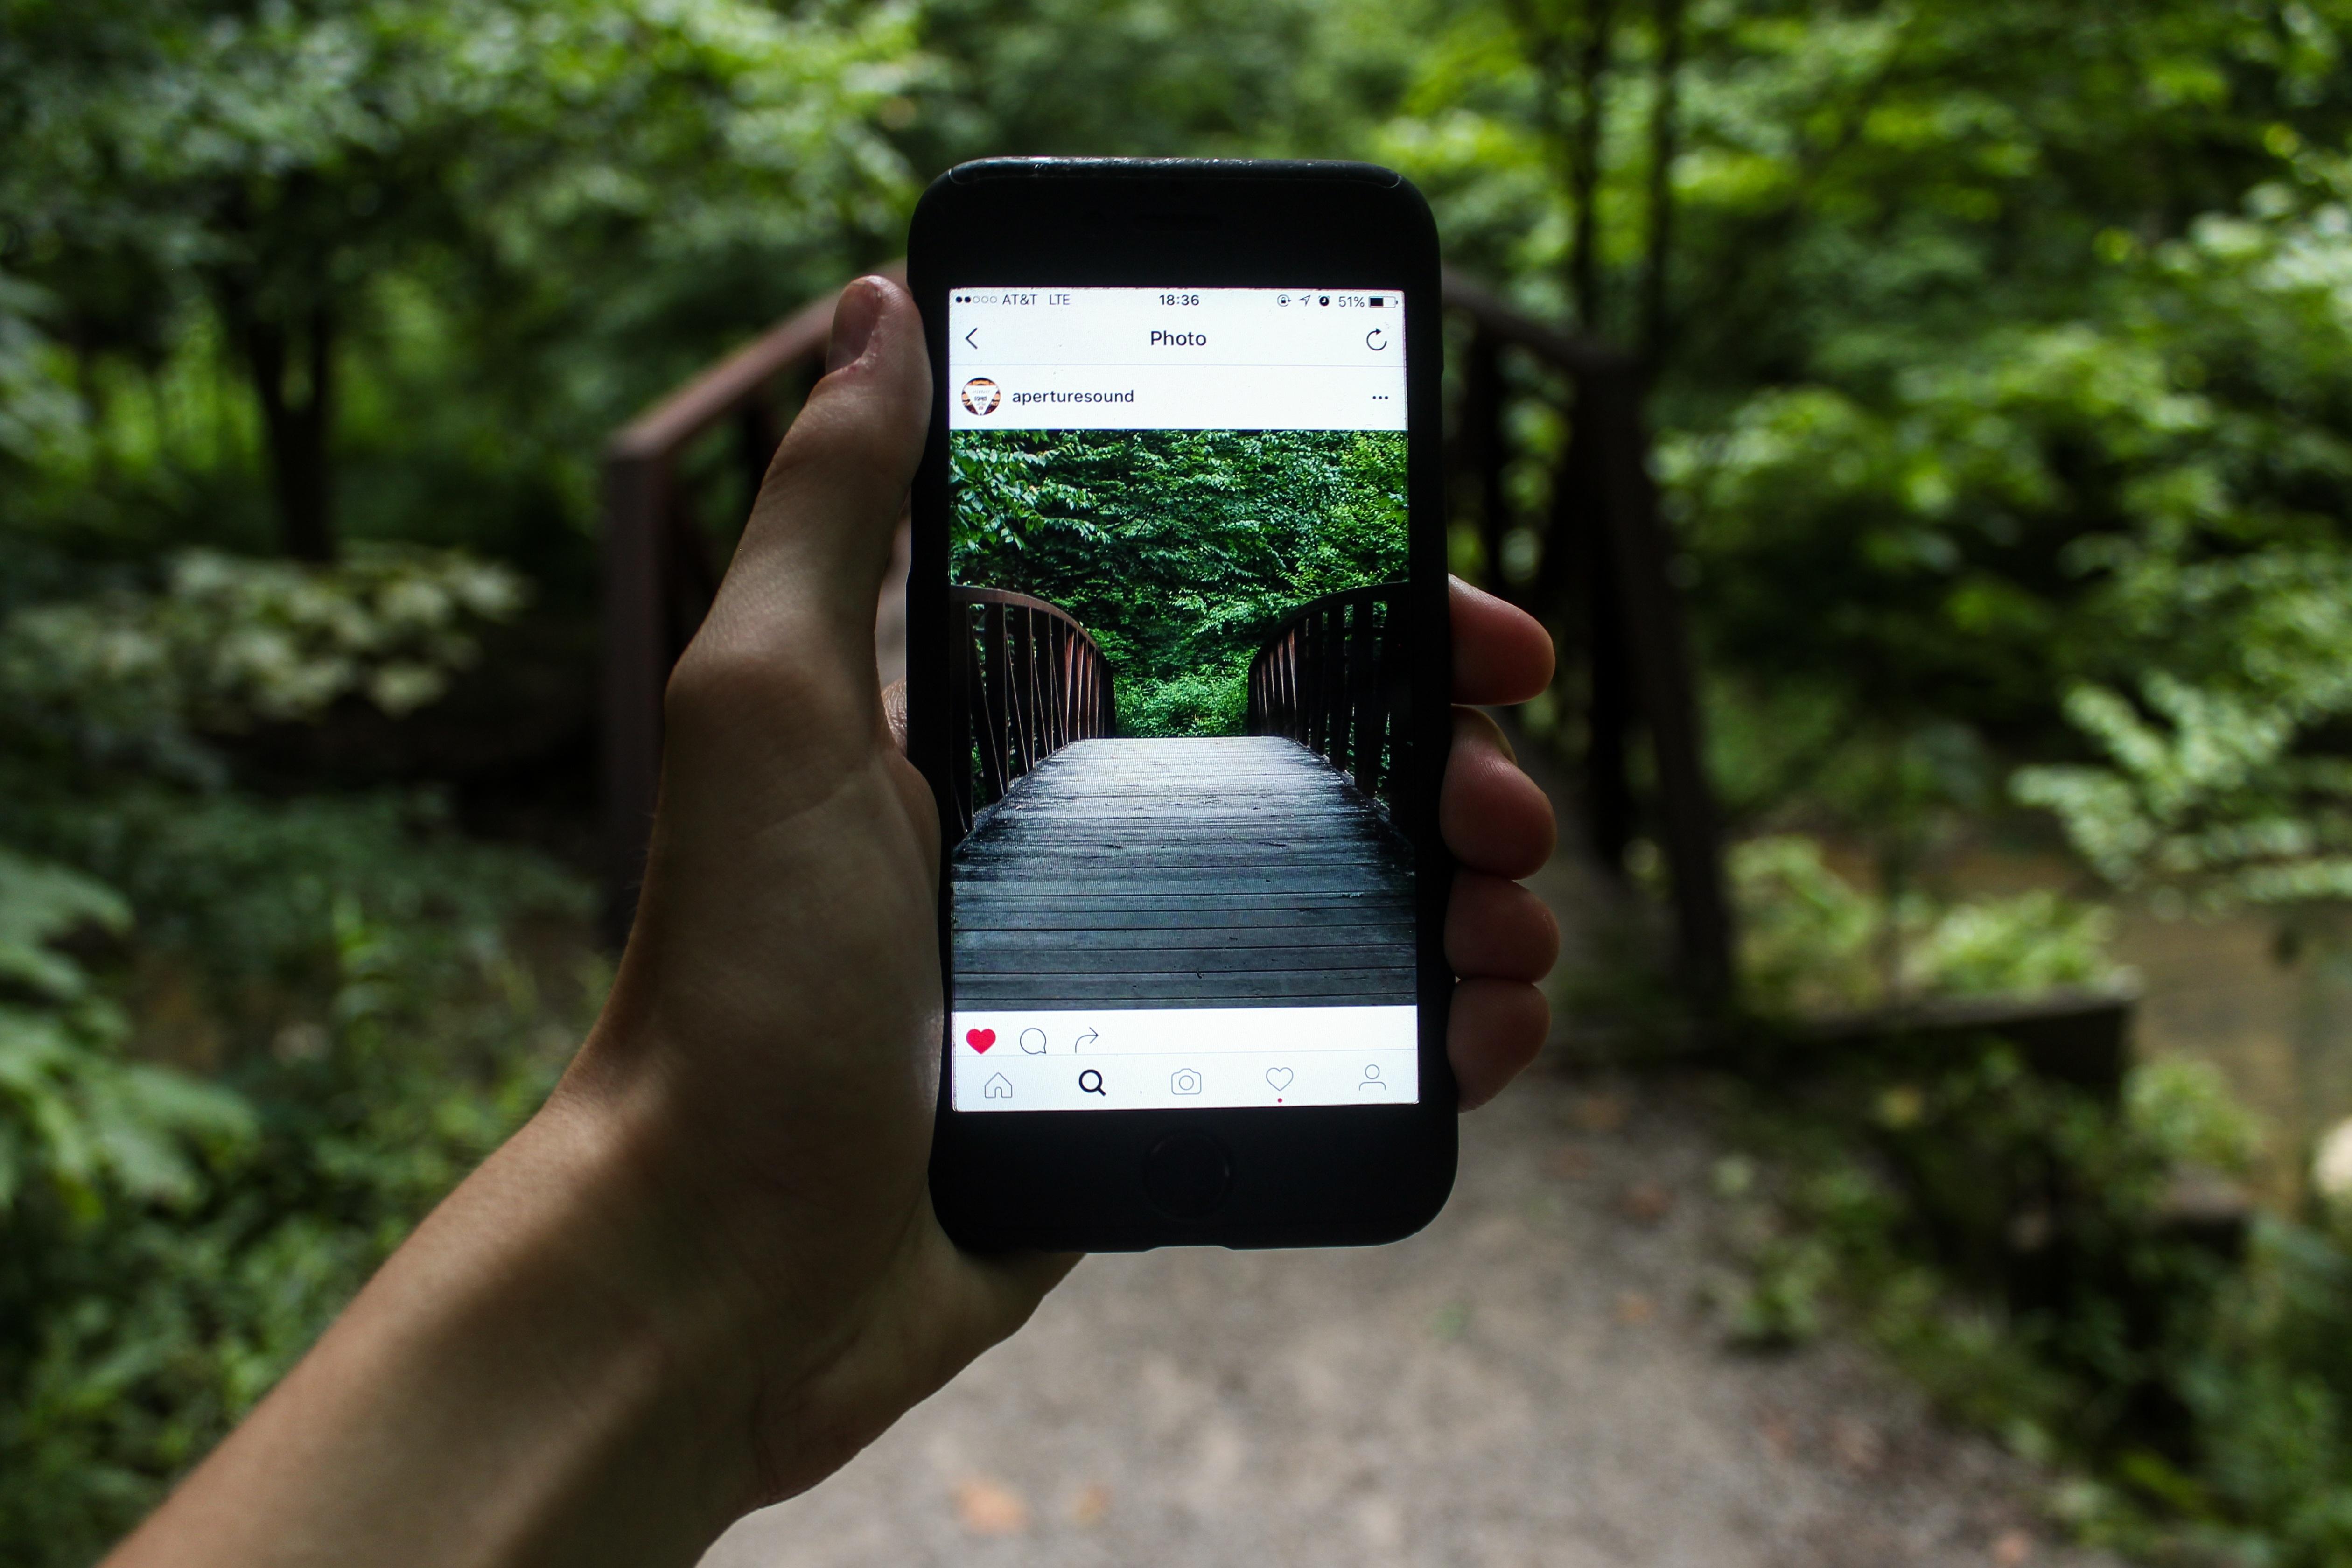 улей быстрое фото на айфон мяча наборе